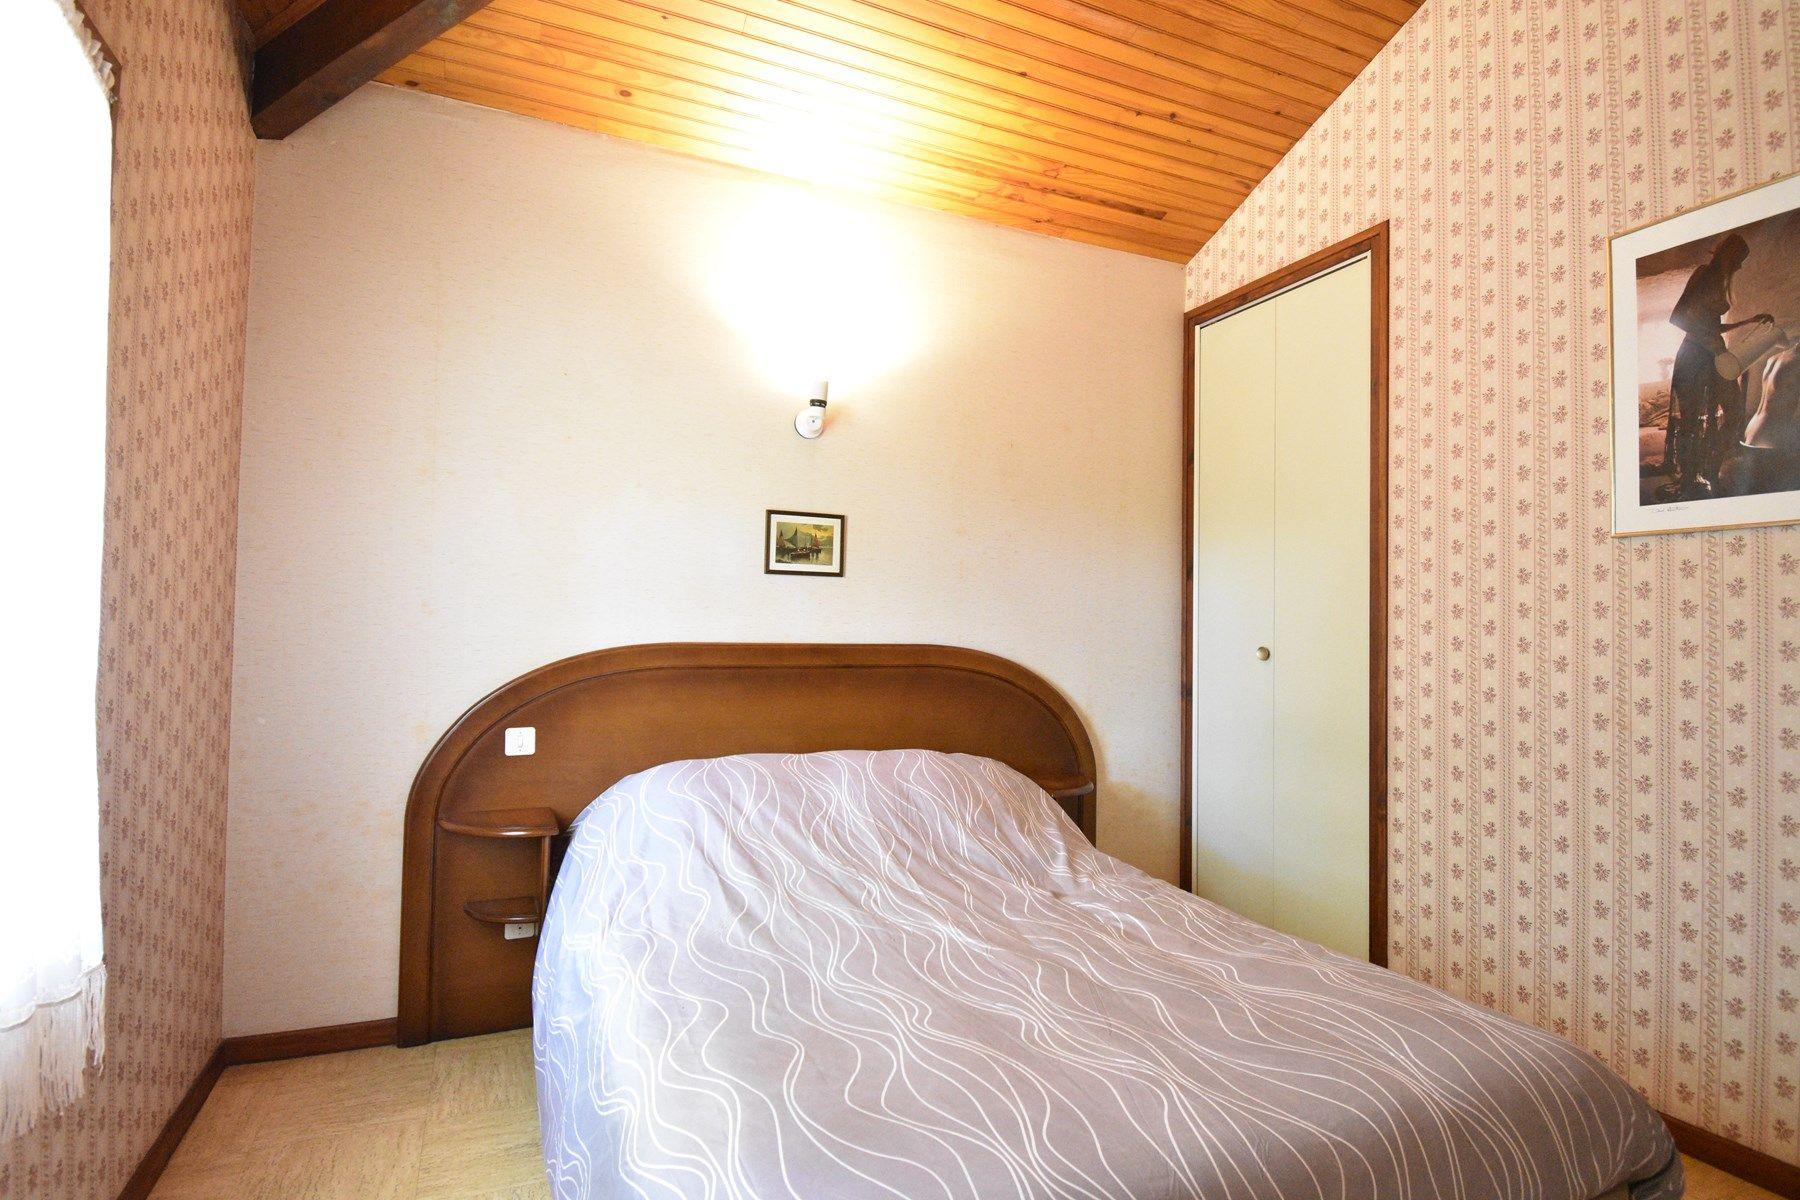 location de vacances à Seignosse ref:0249